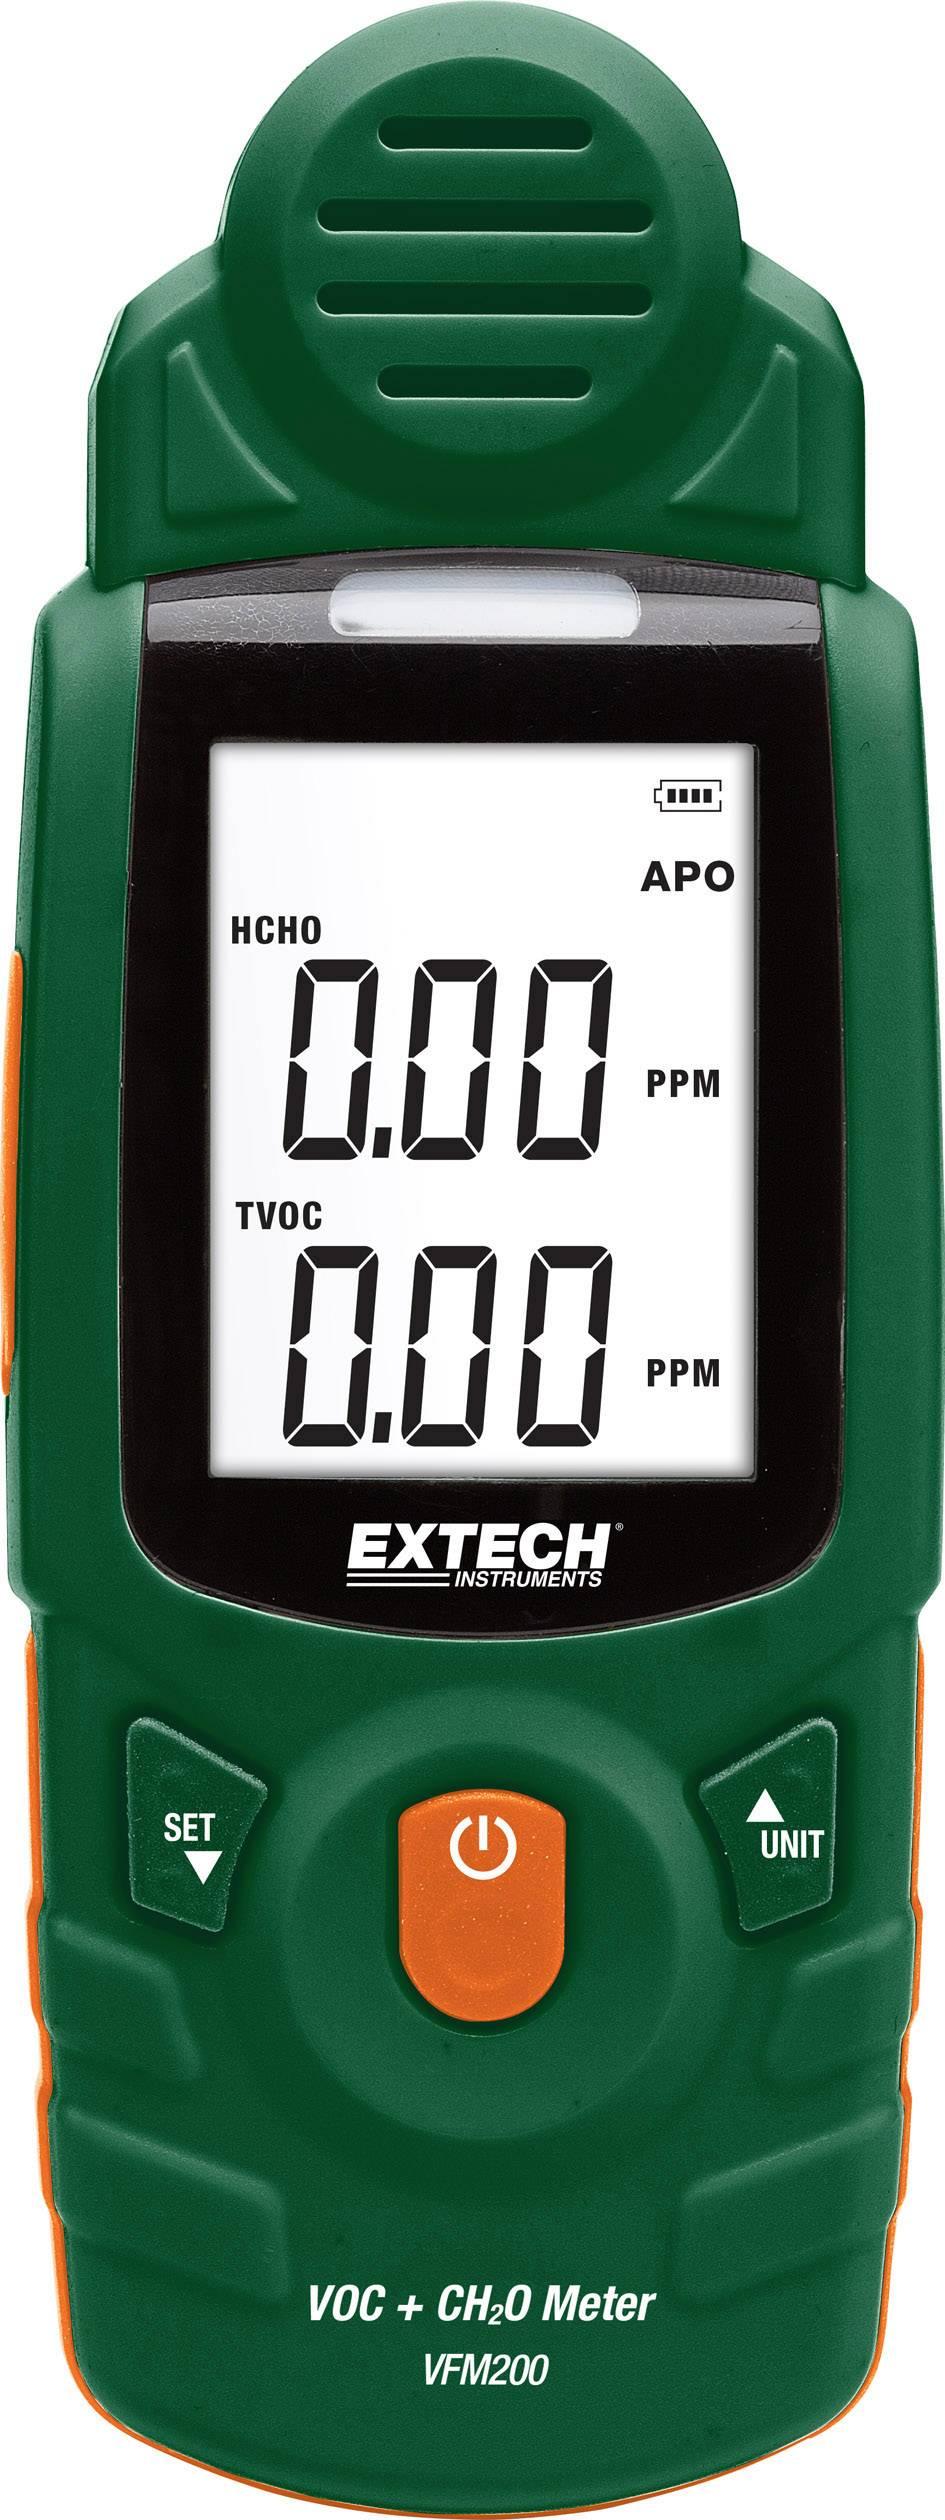 Měřič nebezpečných látek Extech VFM200